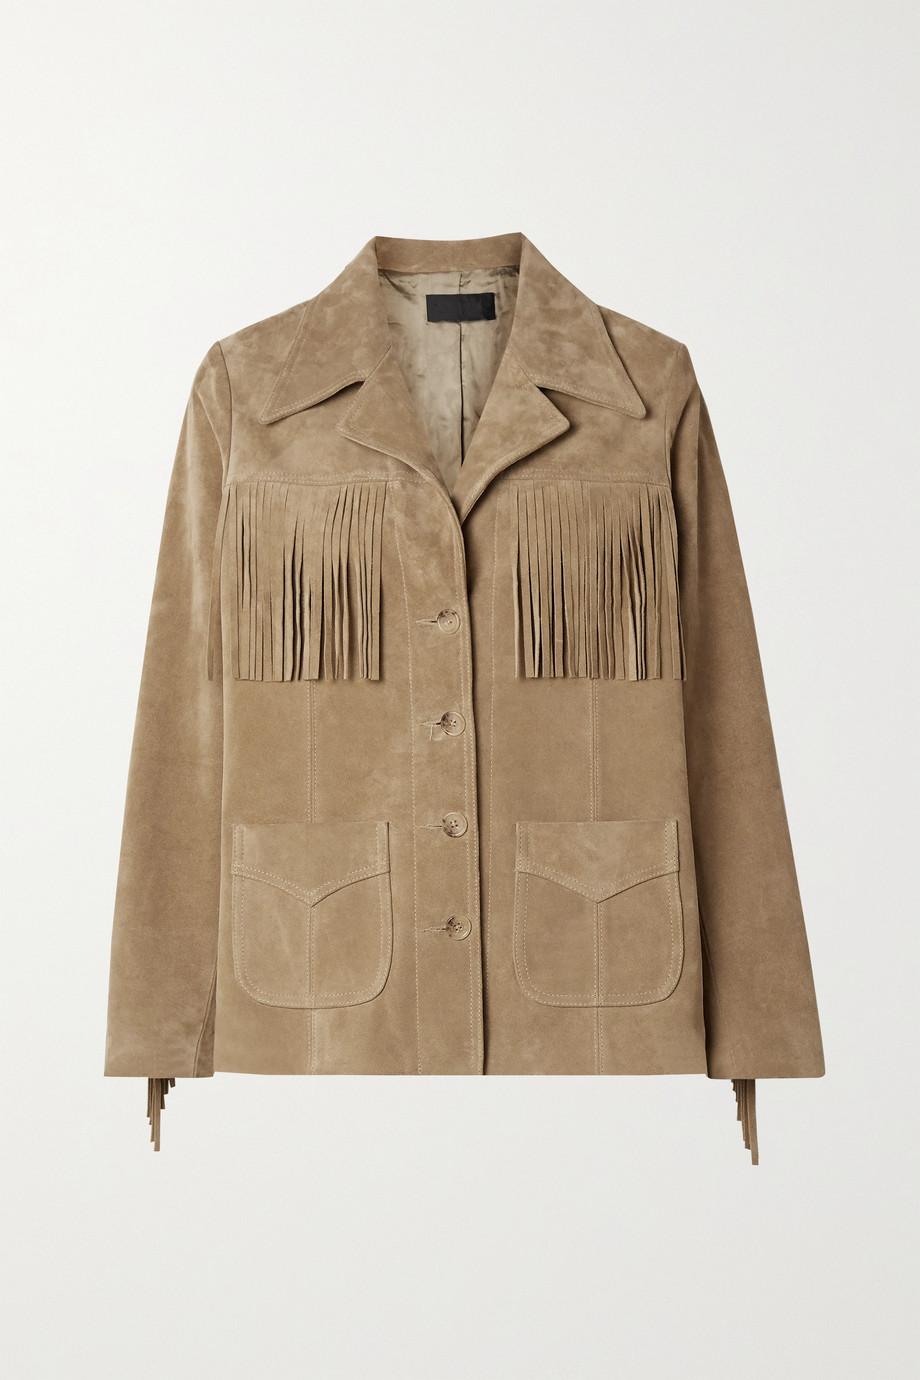 Nili Lotan Carter fringed suede jacket